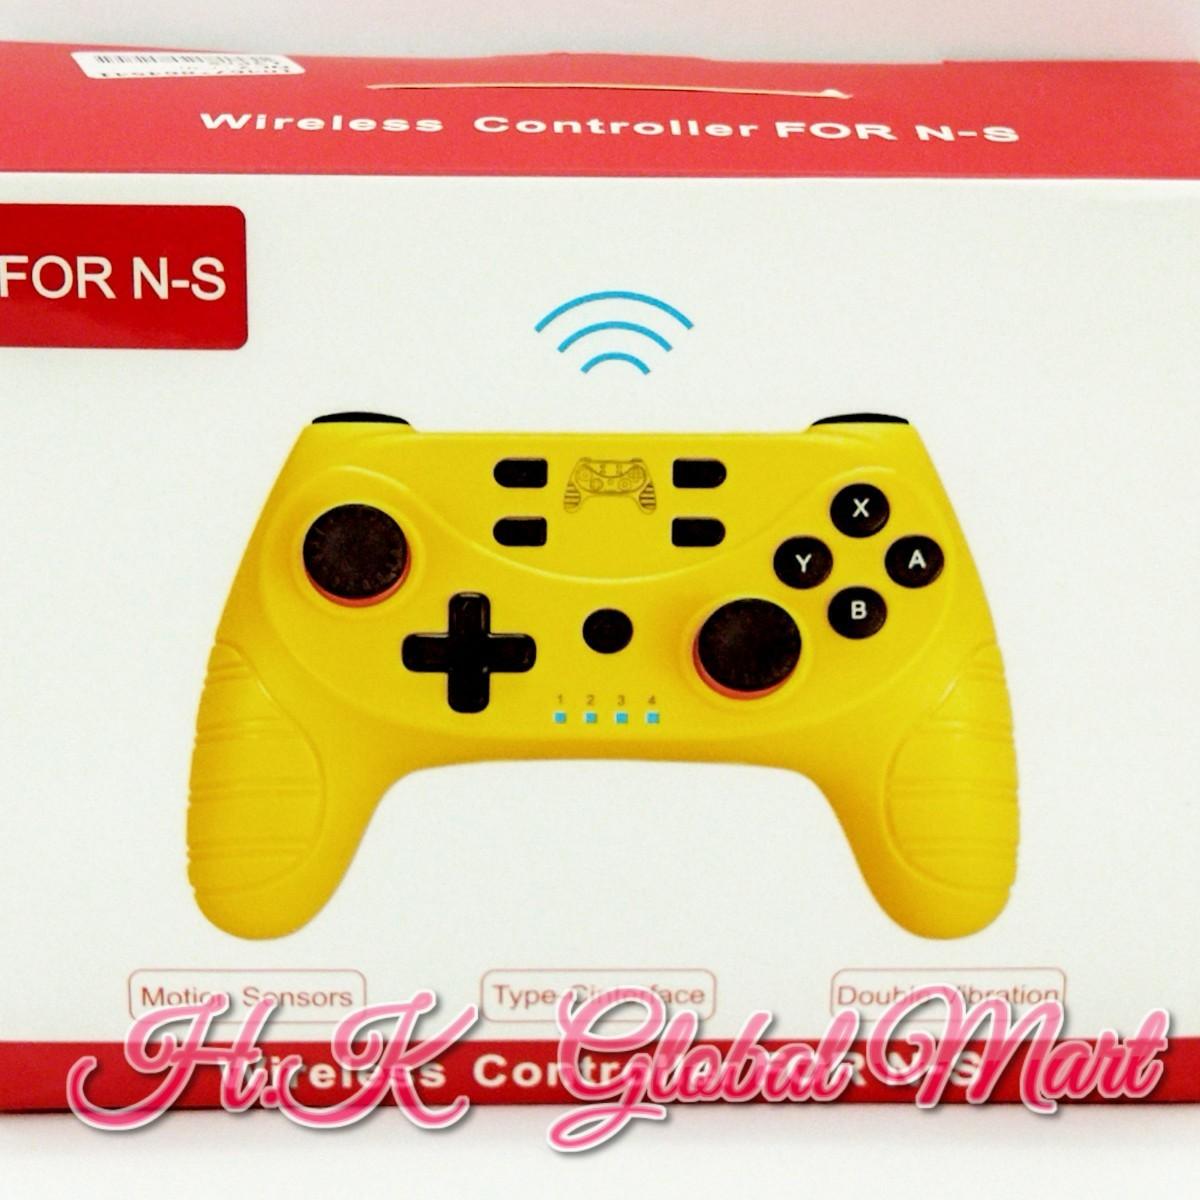 任天堂スイッチ プロコントローラー 大人気 ピンク系  ワイヤレスコントローラー  switch switch ライト対応